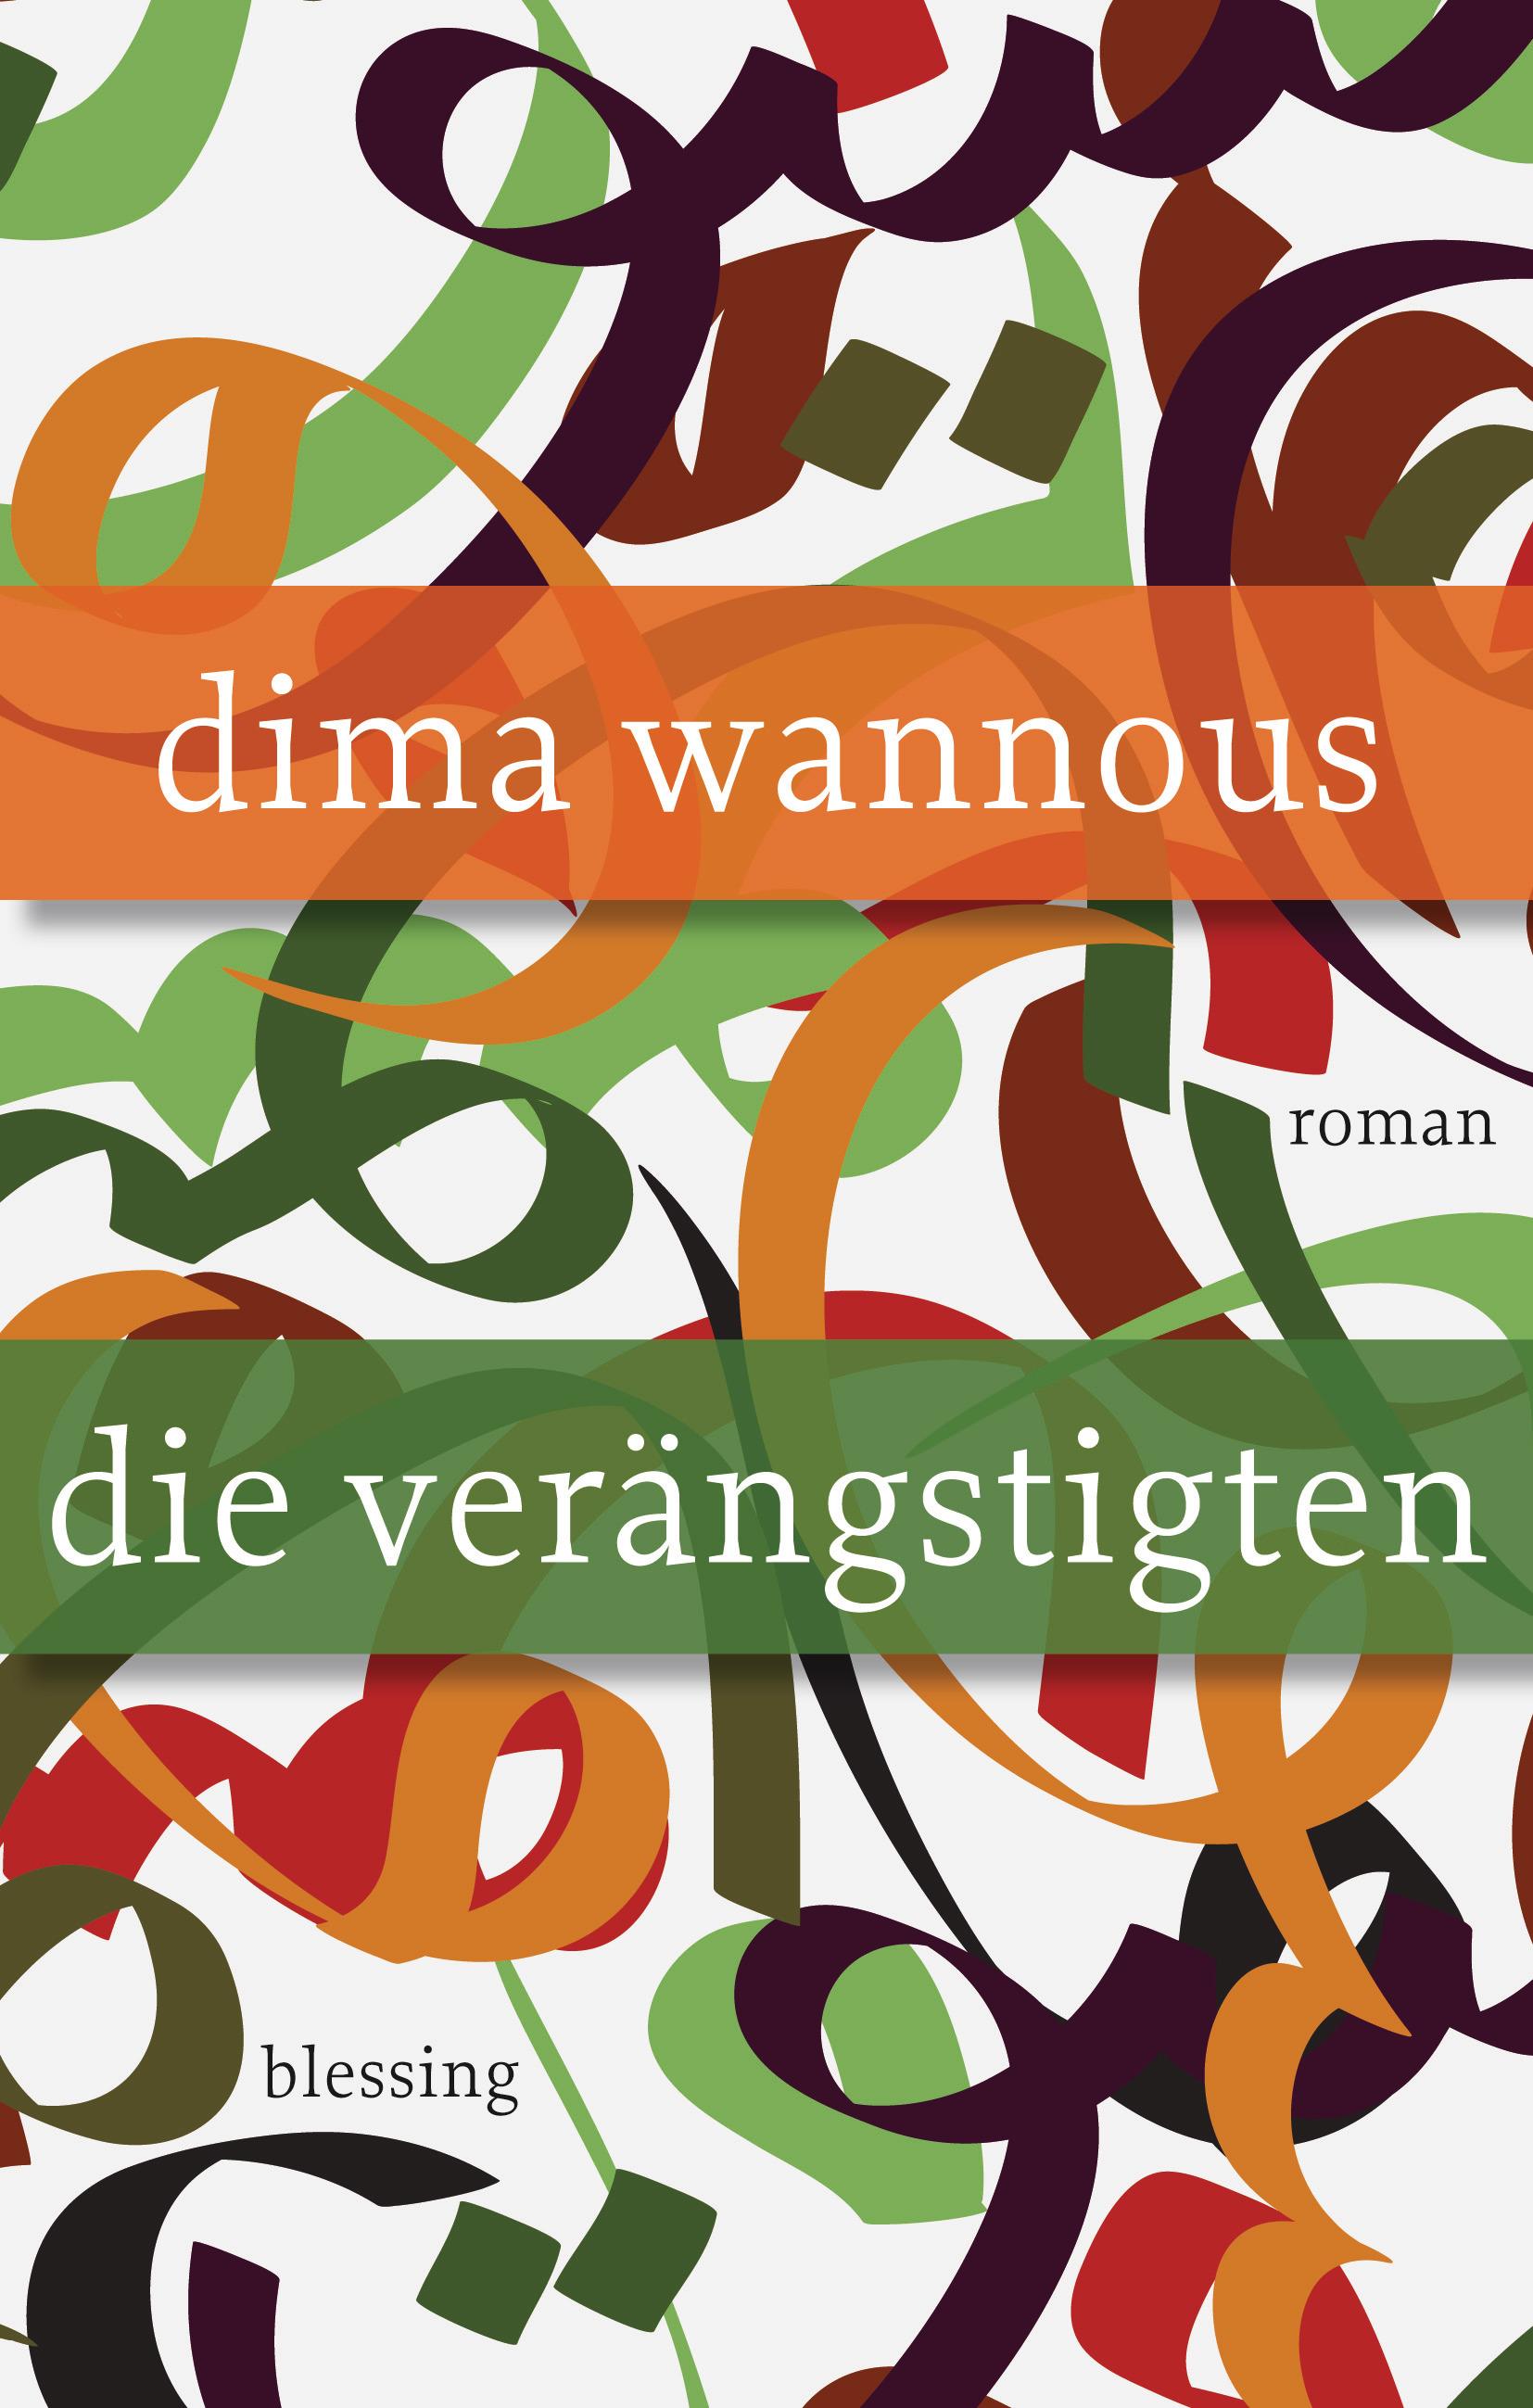 Die Veraengstigten von Dima Wannous